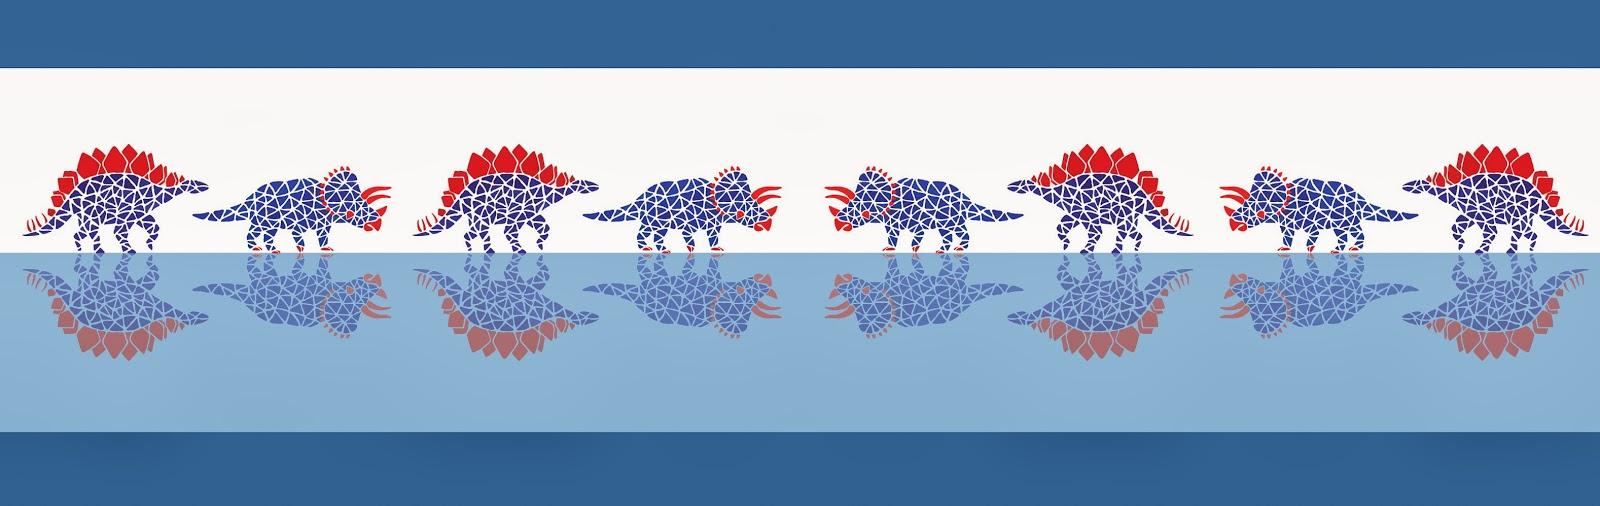 Dinos on Water - Jen Haugan Animation & Illustration